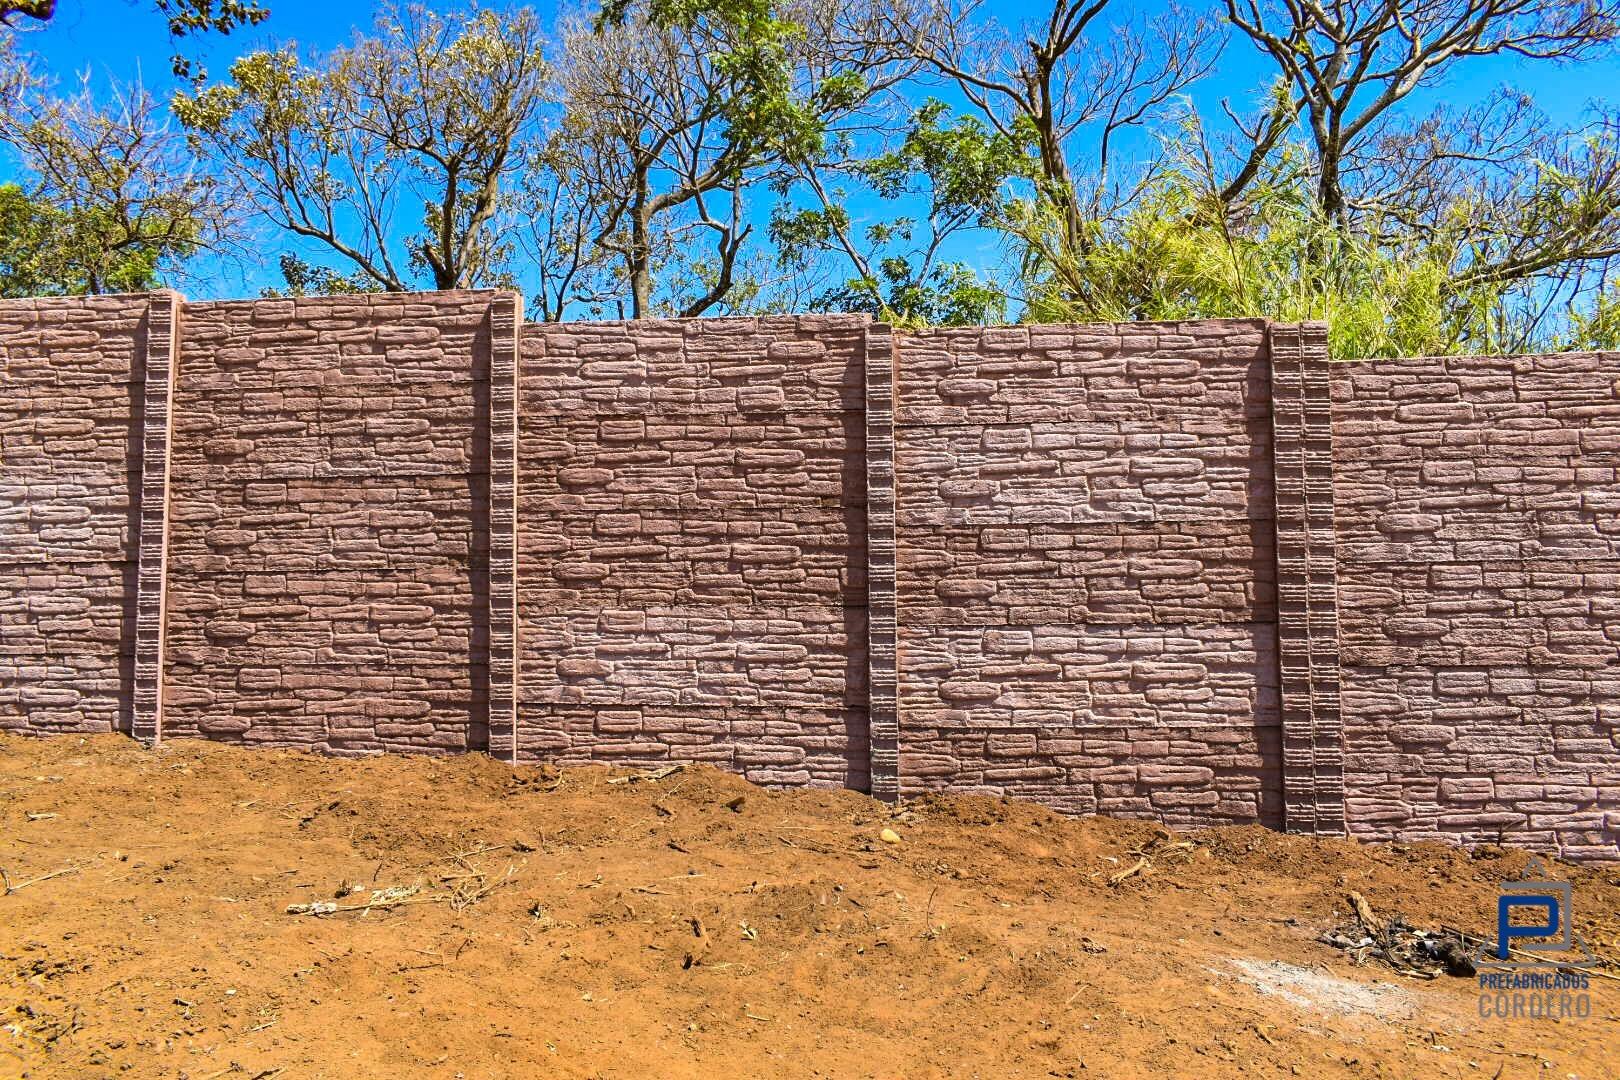 Fachaleta terracota2.JPEG